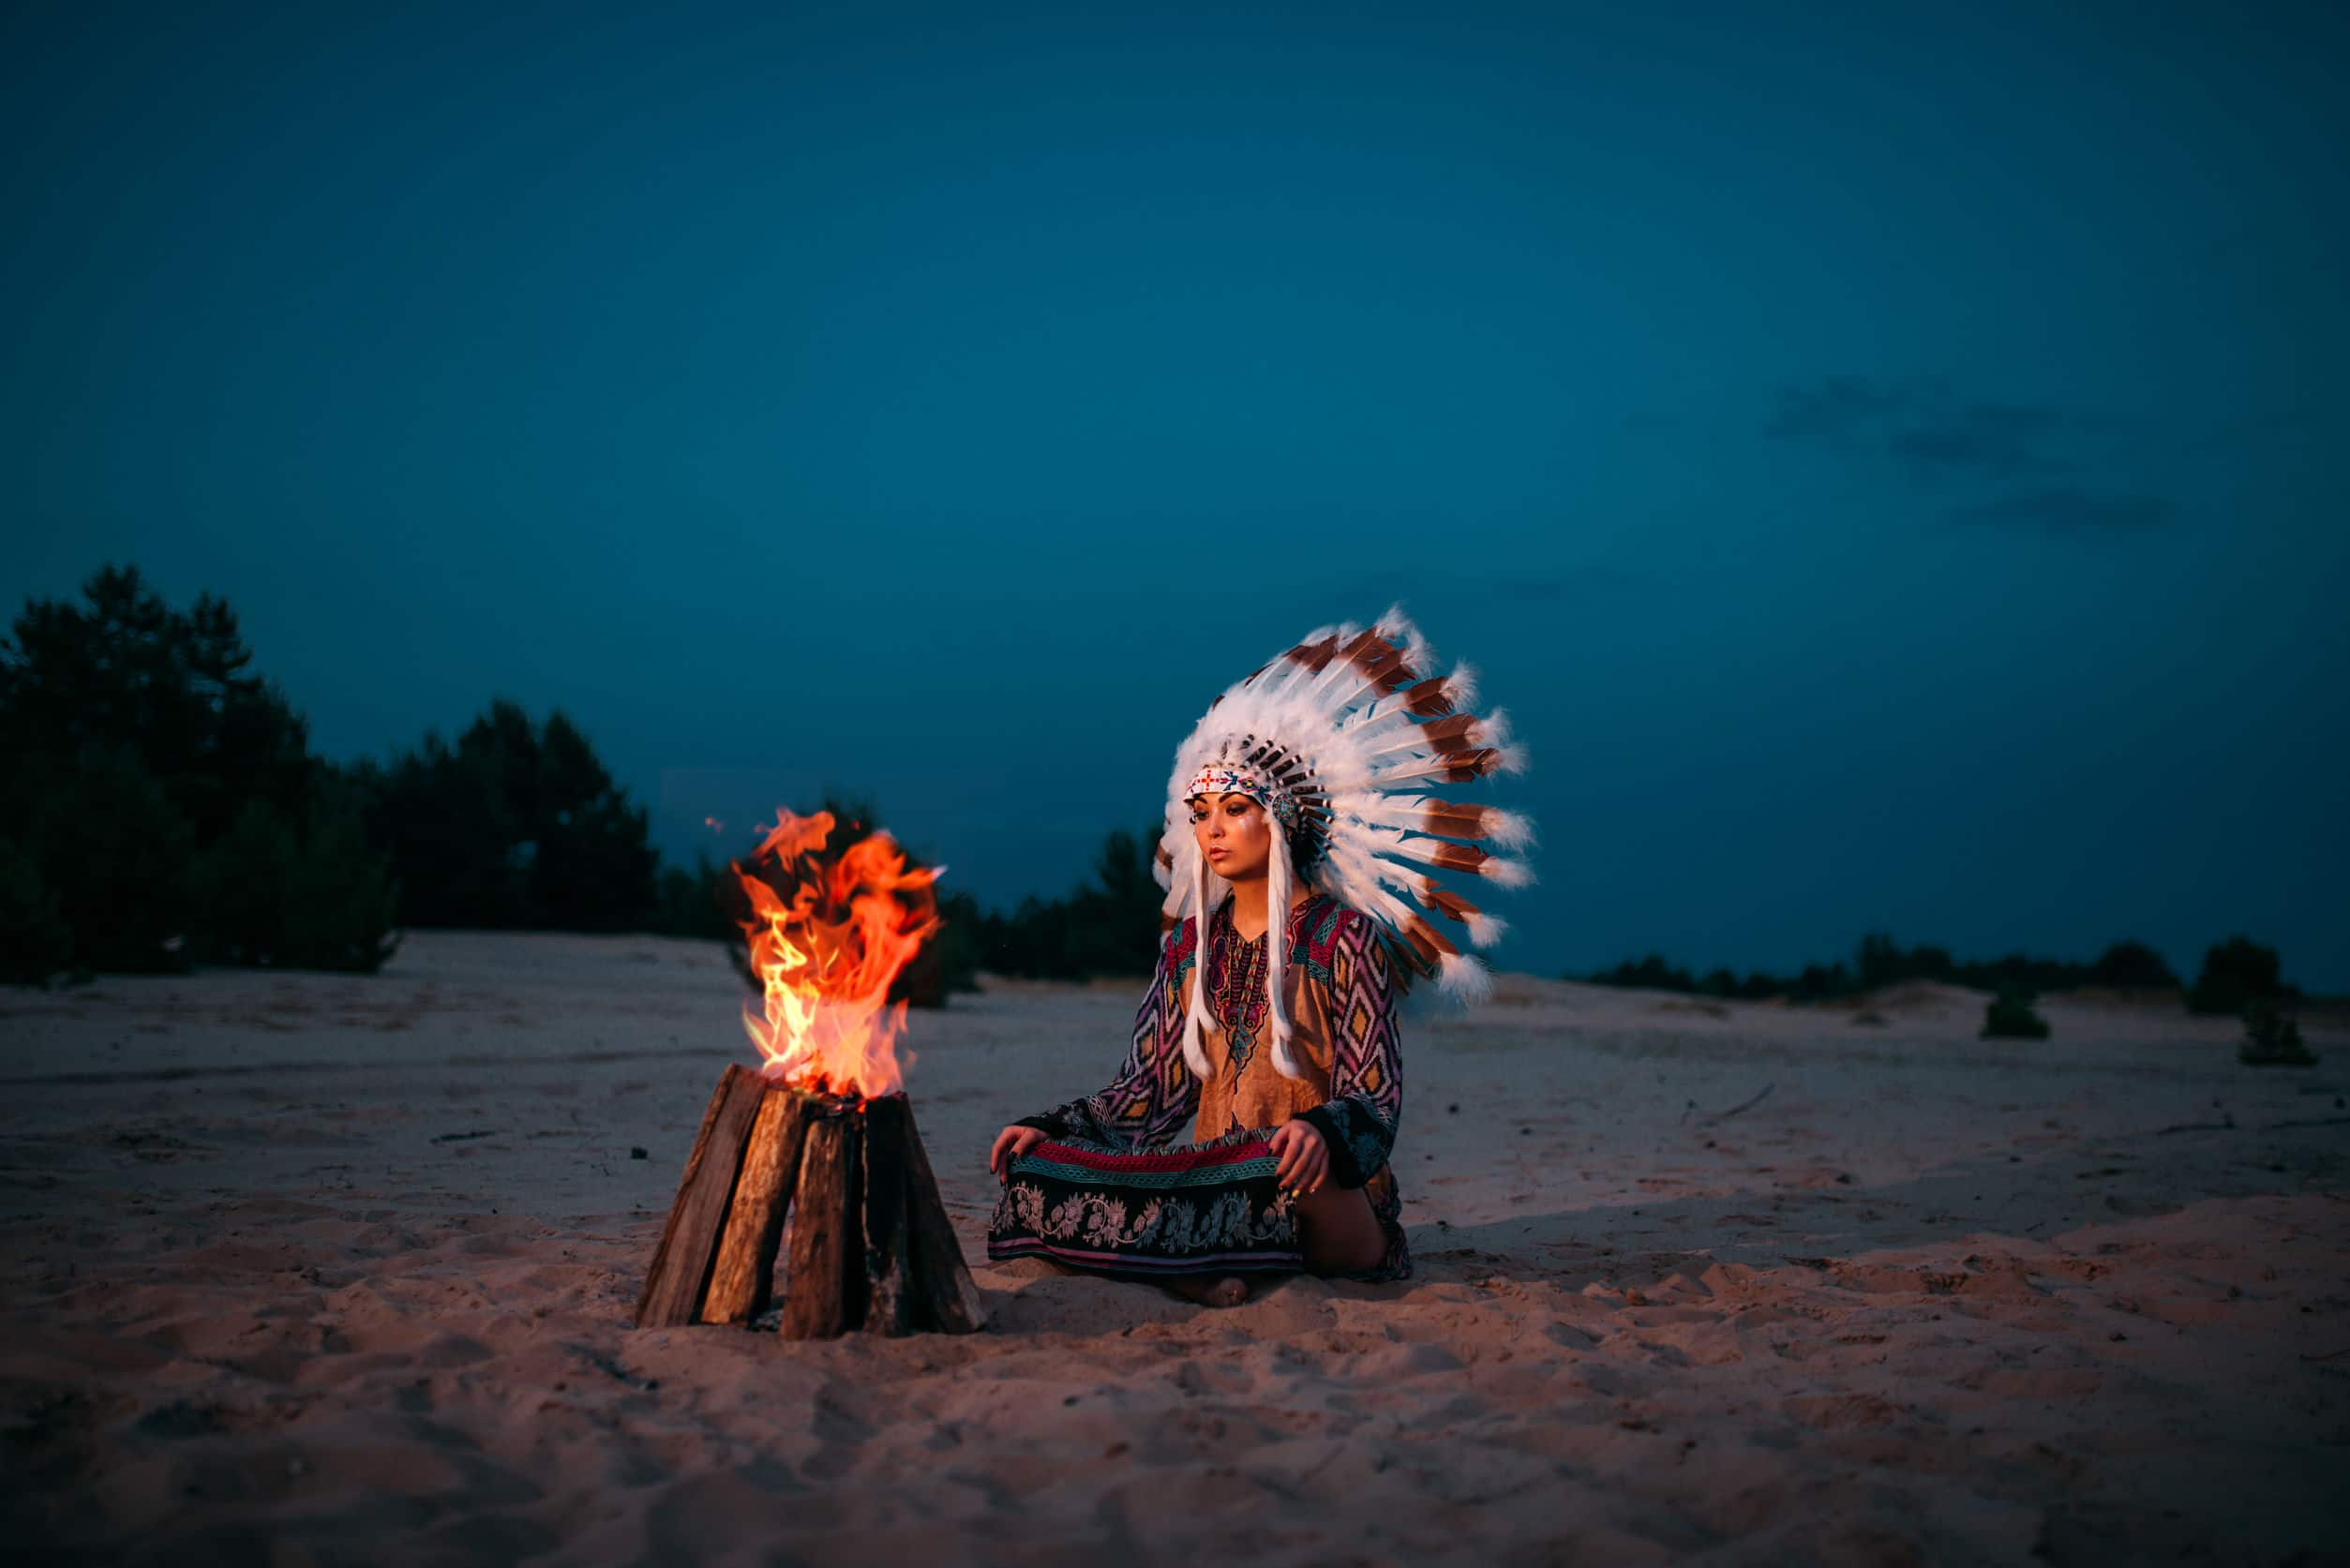 Índia americana em vestes de rituais sentada em frente de uma fogueira.